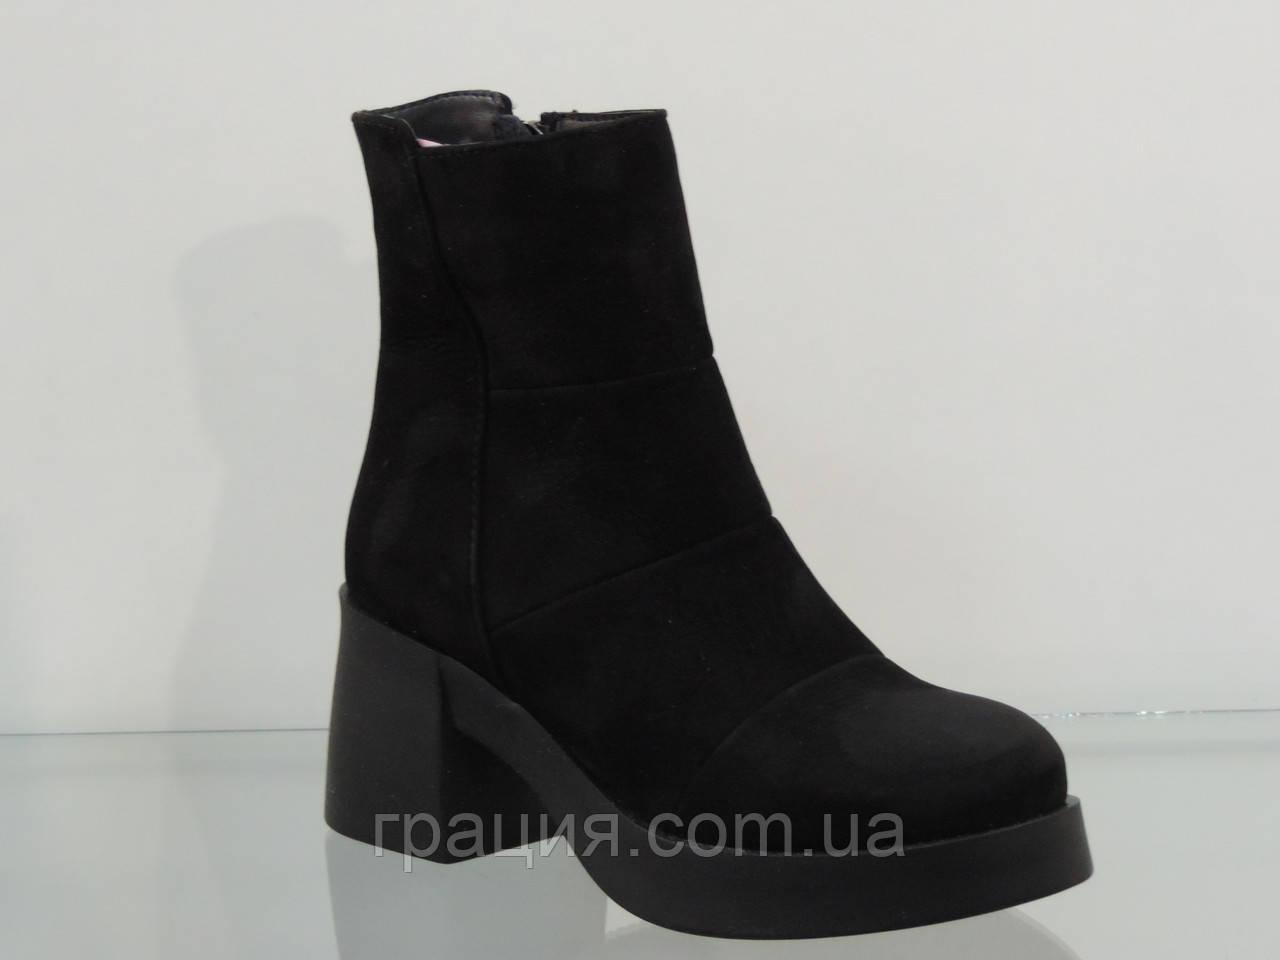 Модные молодежные ботинки демисезонные нубук